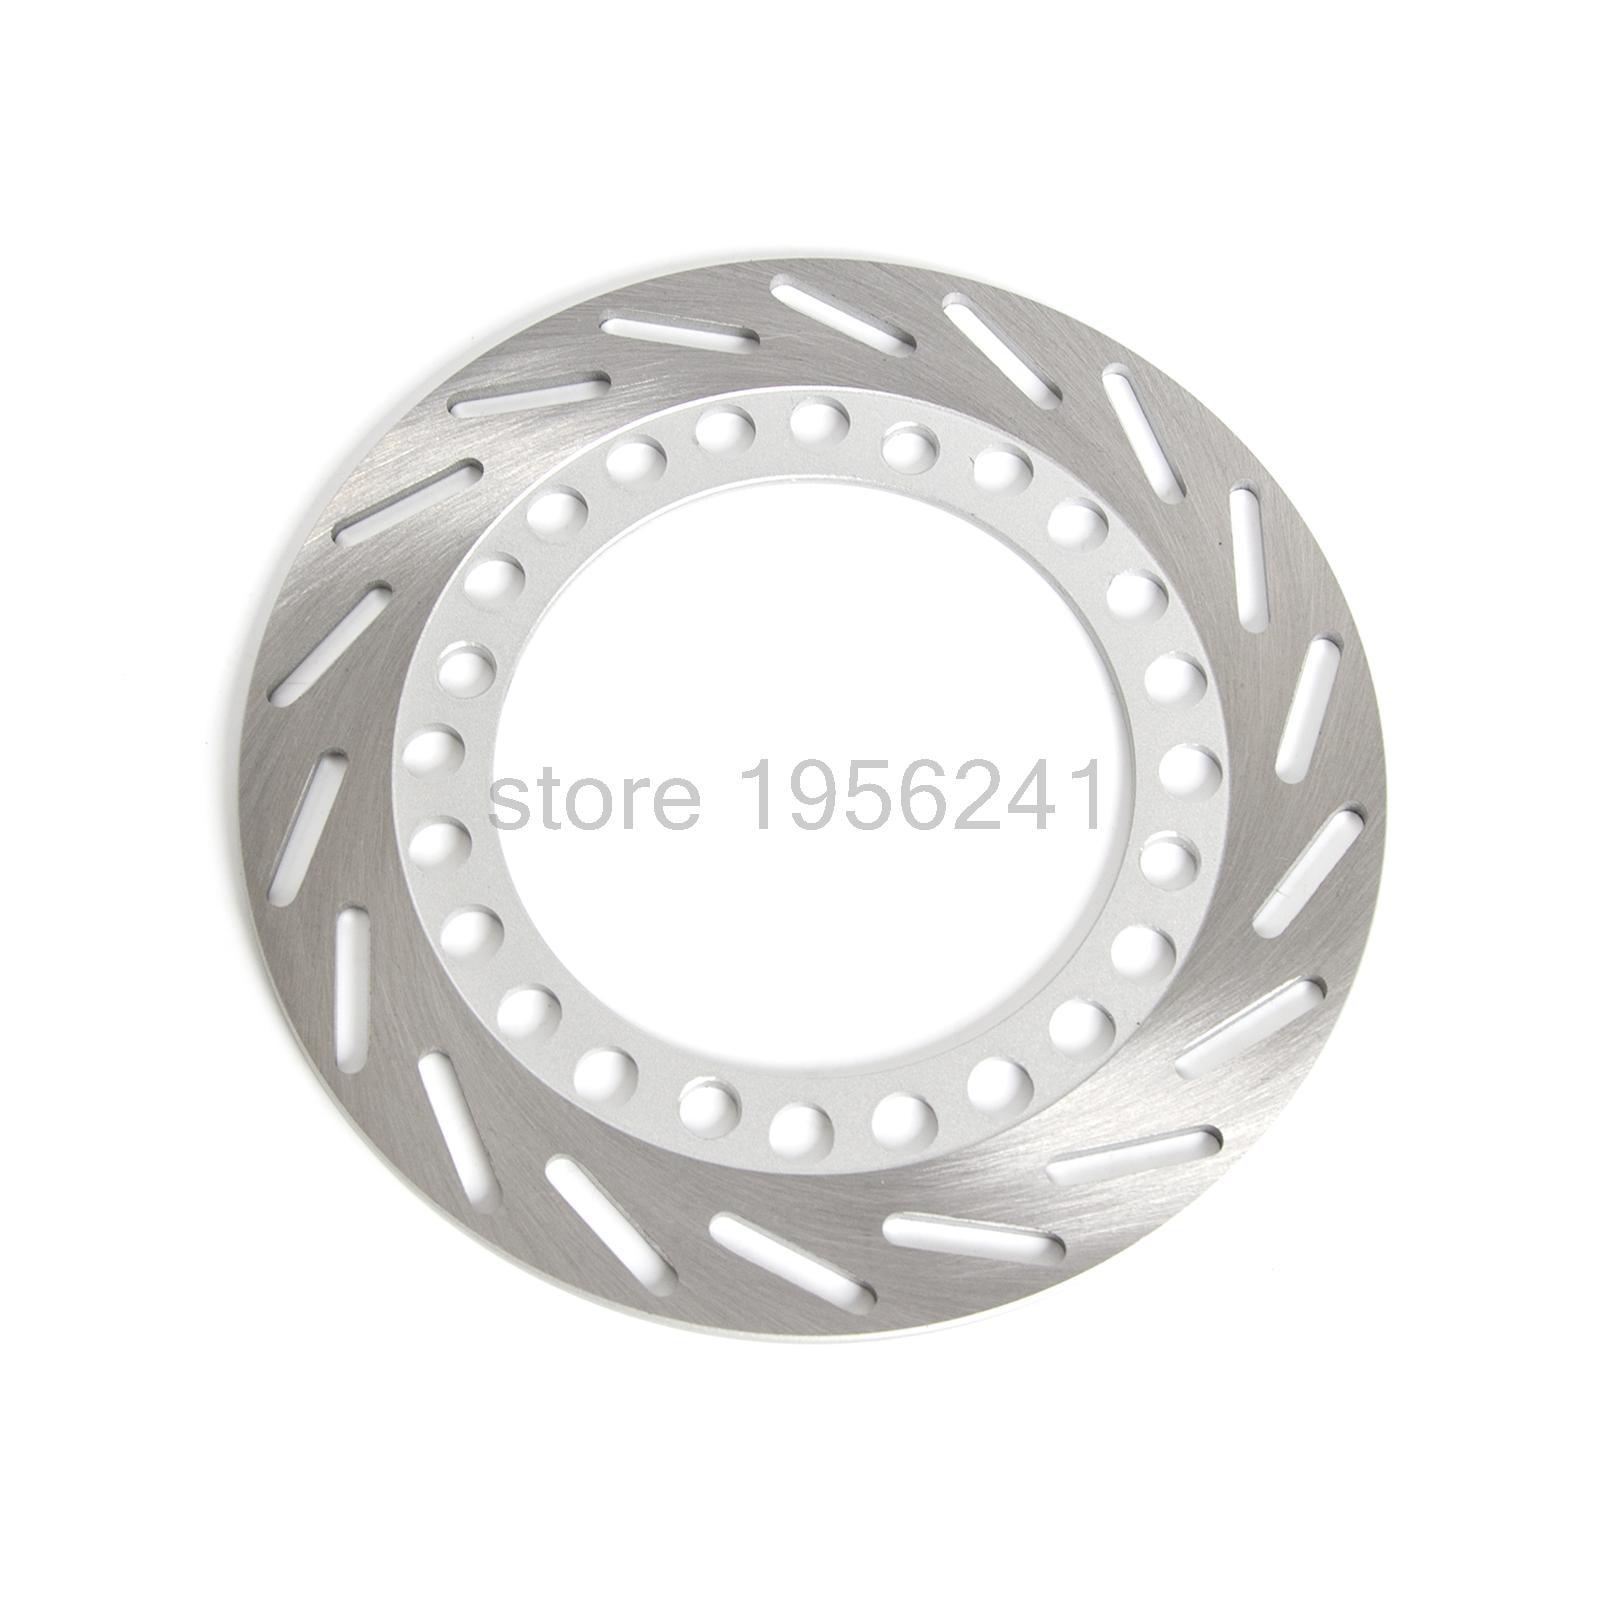 Motorcycle Rear  Rotor Brake Disc For Honda AX-1 NX250 AX1 NX 250 J/K/R/R3 1989 1990 1991 1992 1993 1994 NEW motorcycle front and rear brake pads for honda nx 500 nx500 nx650 j k l m dominator 1988 1991 black brake disc pad